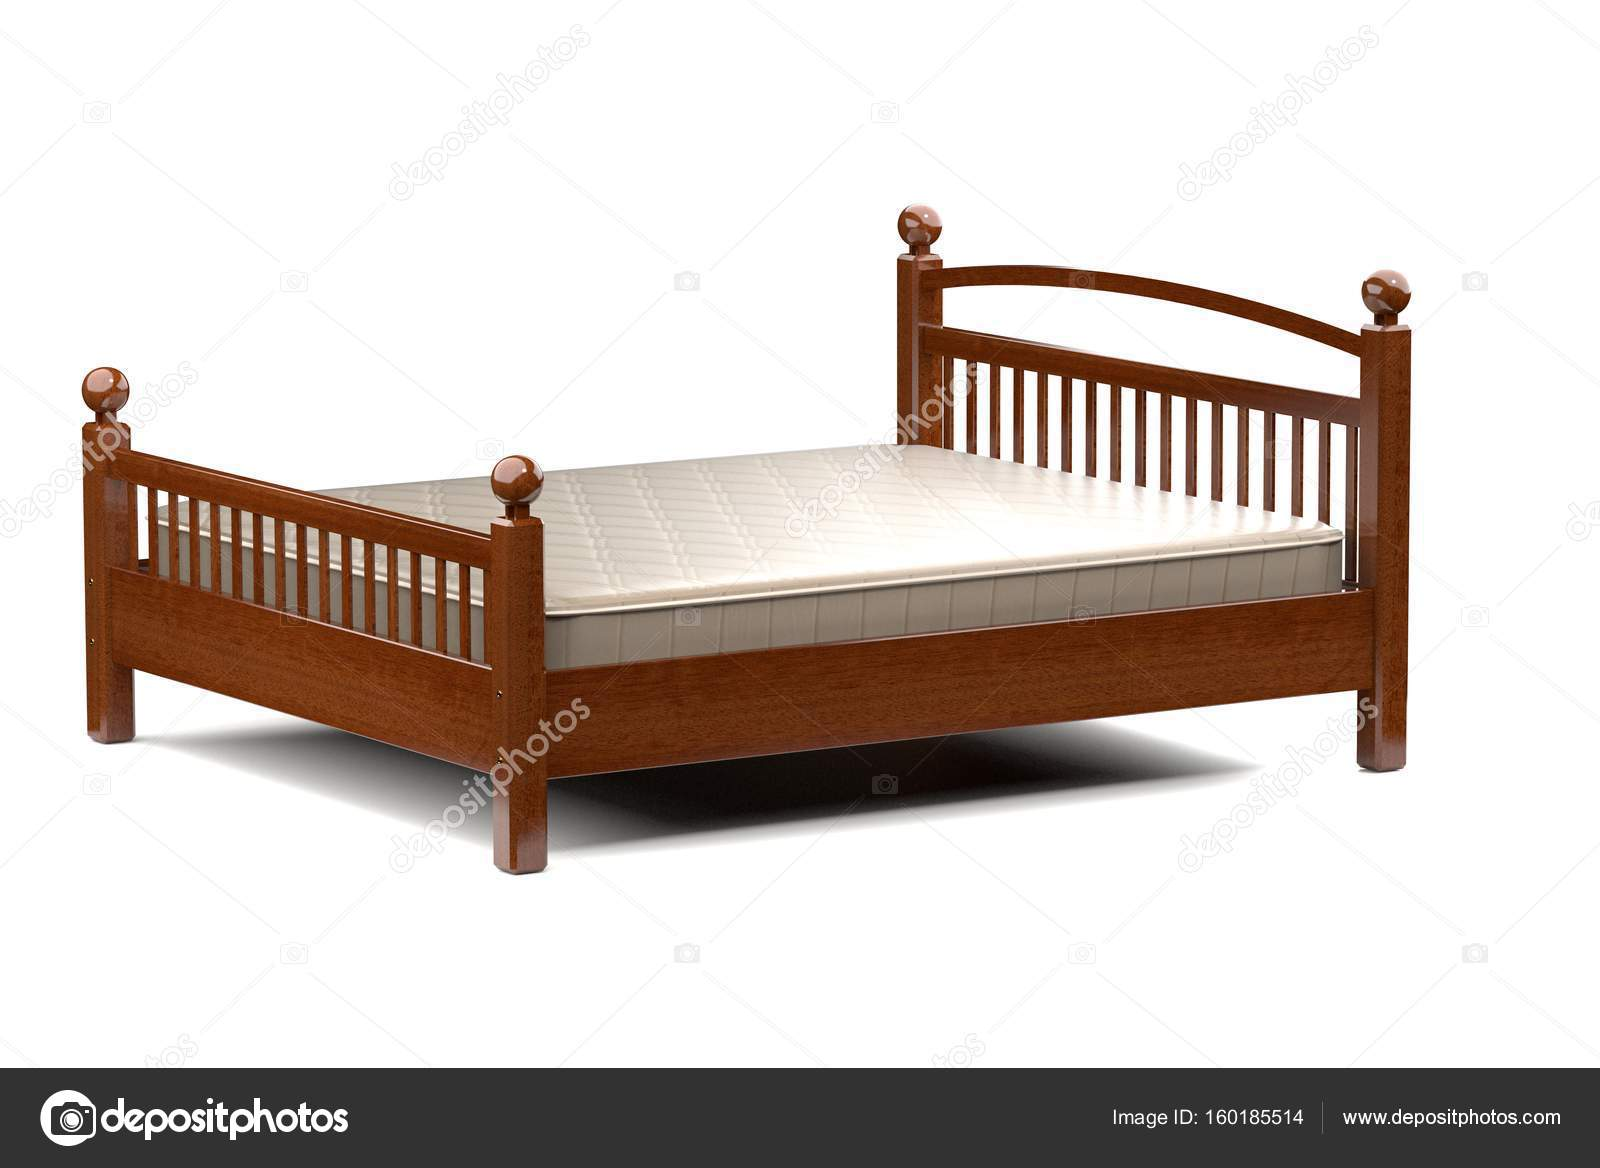 Letti In Legno Moderni : Illustrazione d di un letto in legno moderno u foto stock r